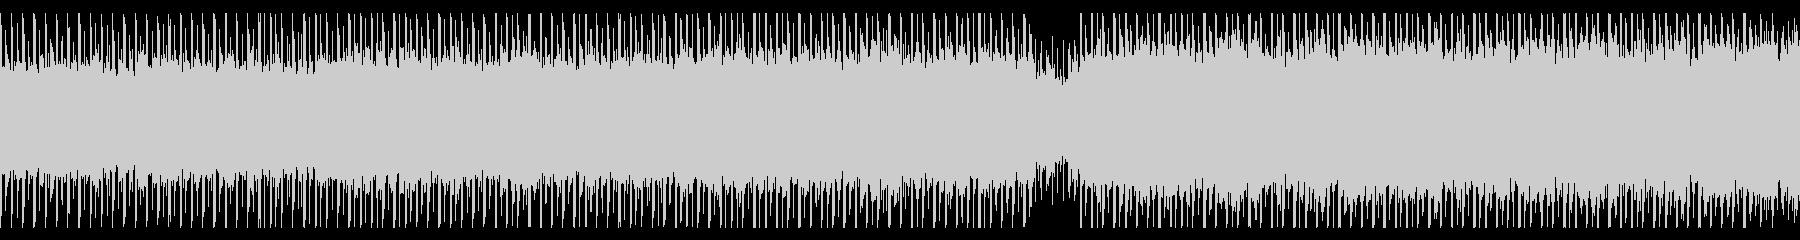 成功への自信(ループ)の未再生の波形